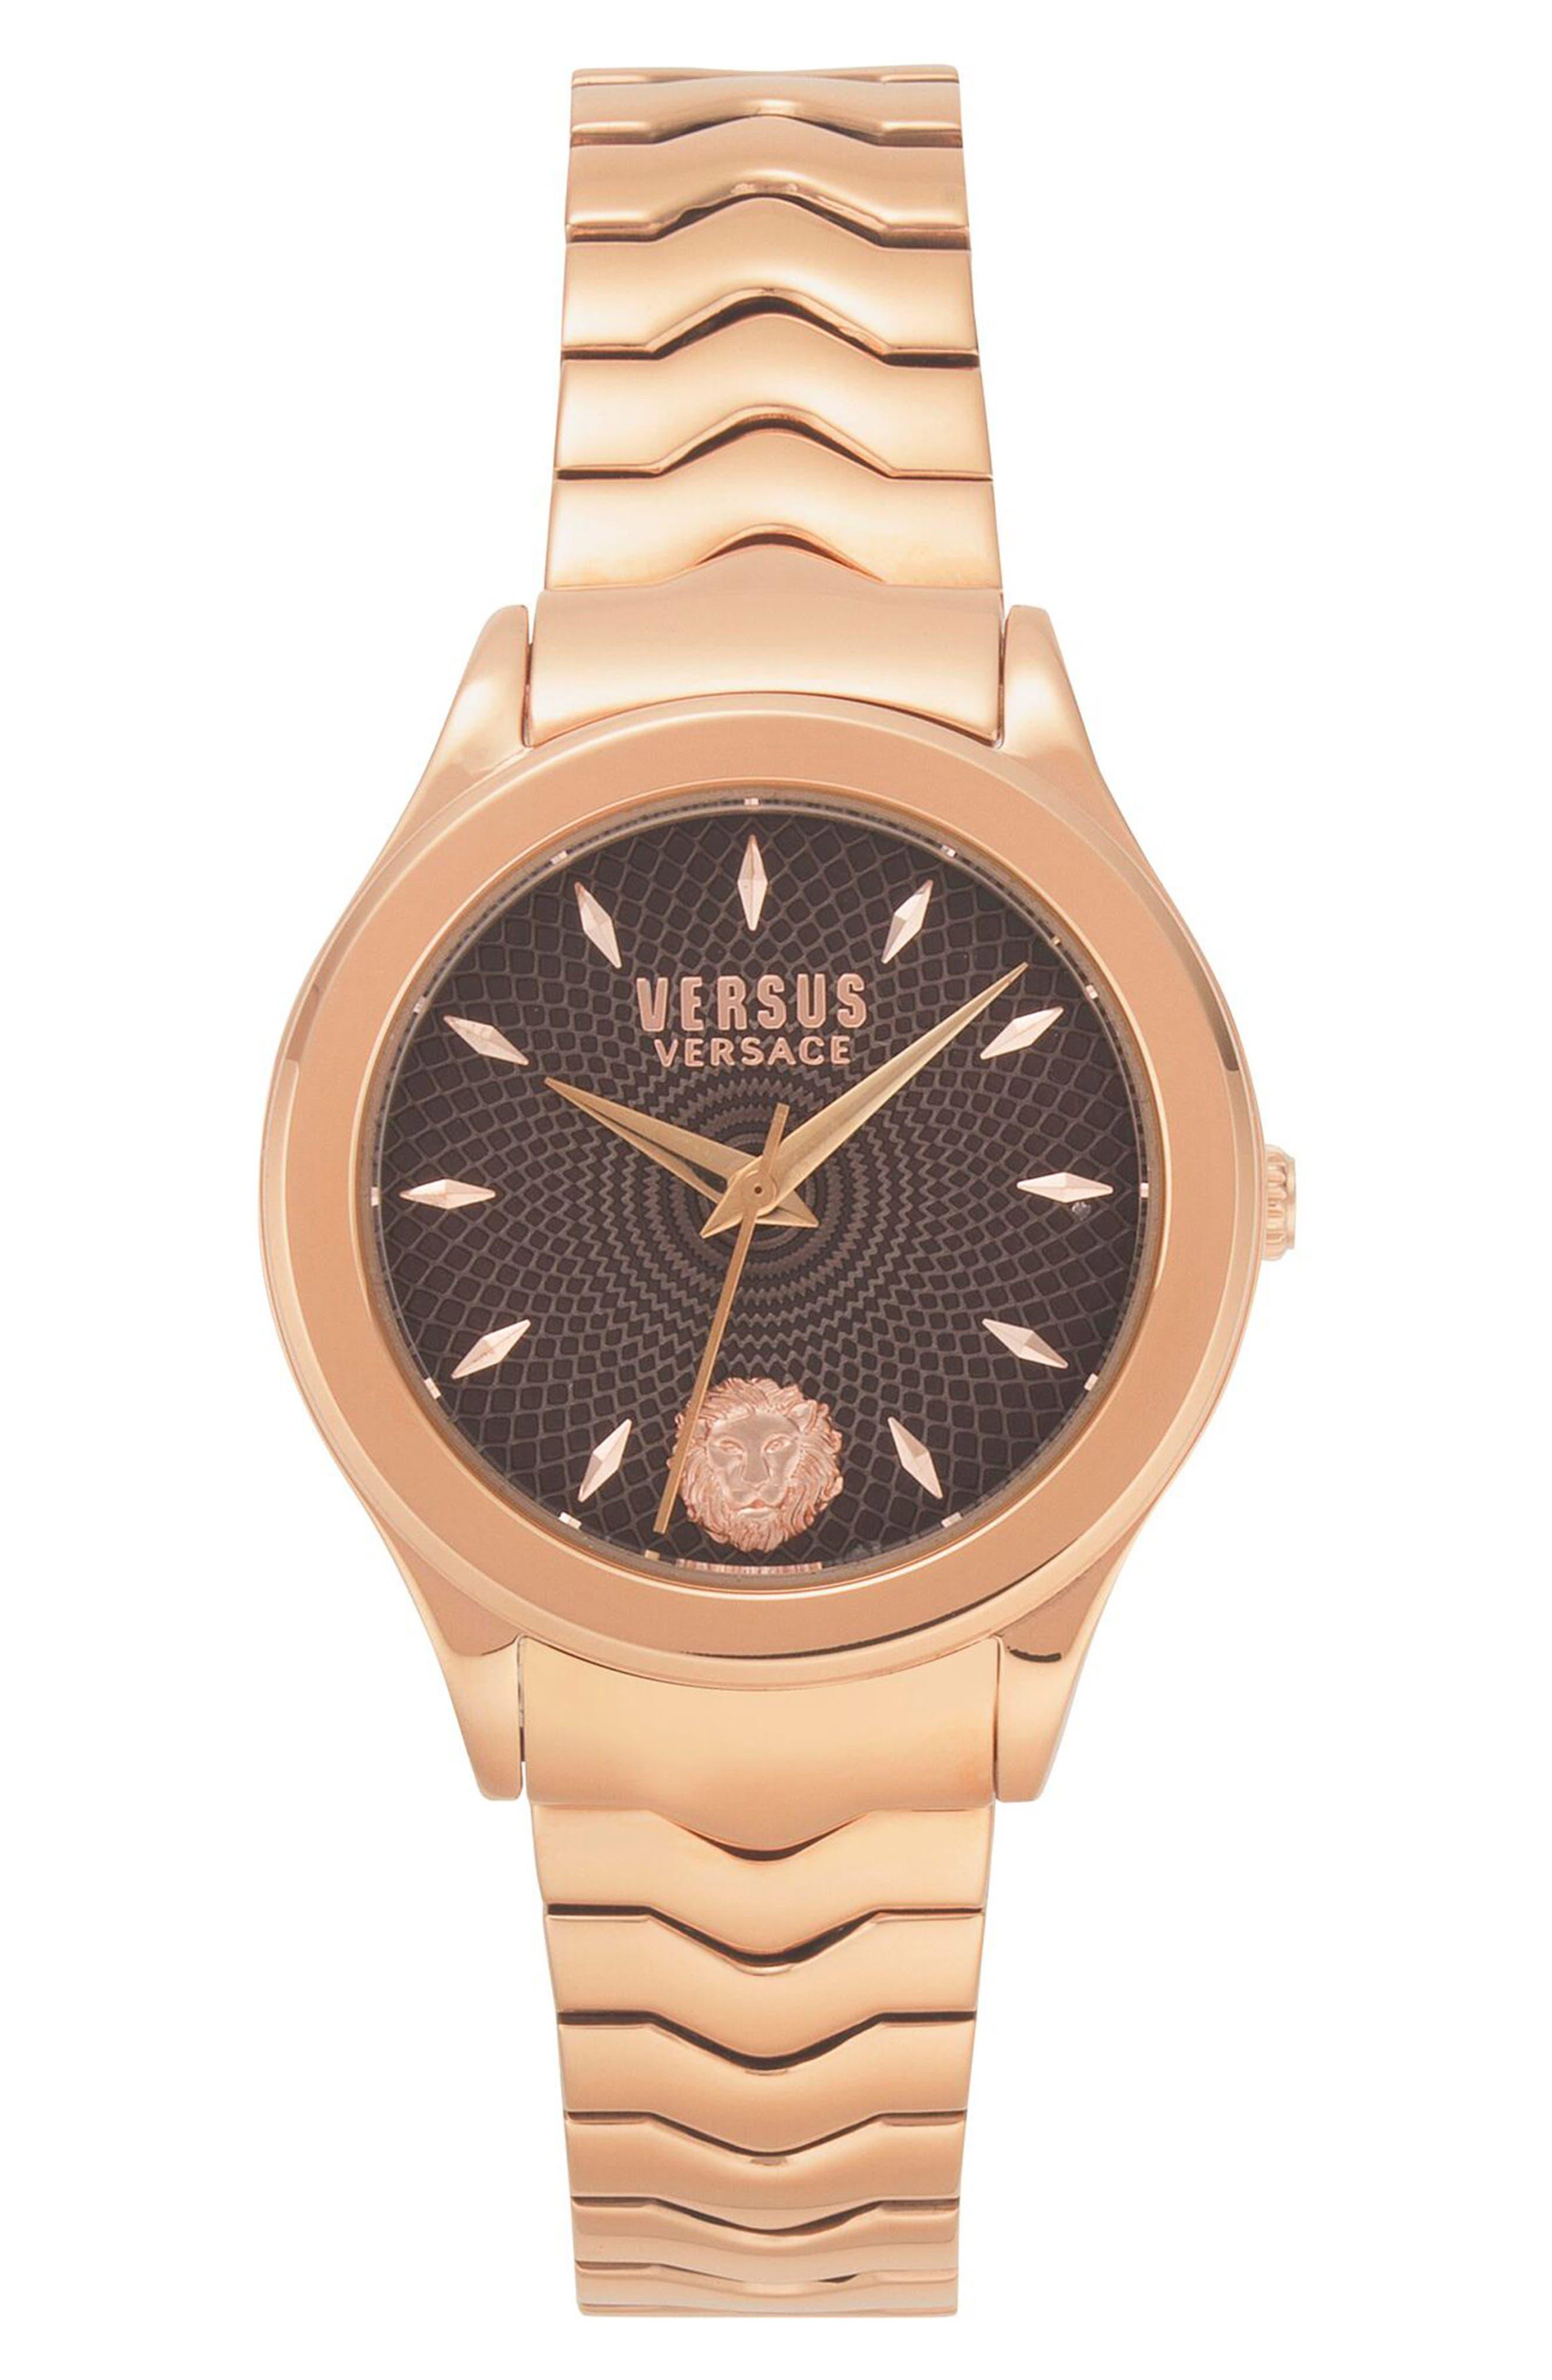 VERSUS VERSACE, Mount Pleasant Bracelet Watch, 34mm, Main thumbnail 1, color, ROSE GOLD/ BLACK/ ROSE GOLD